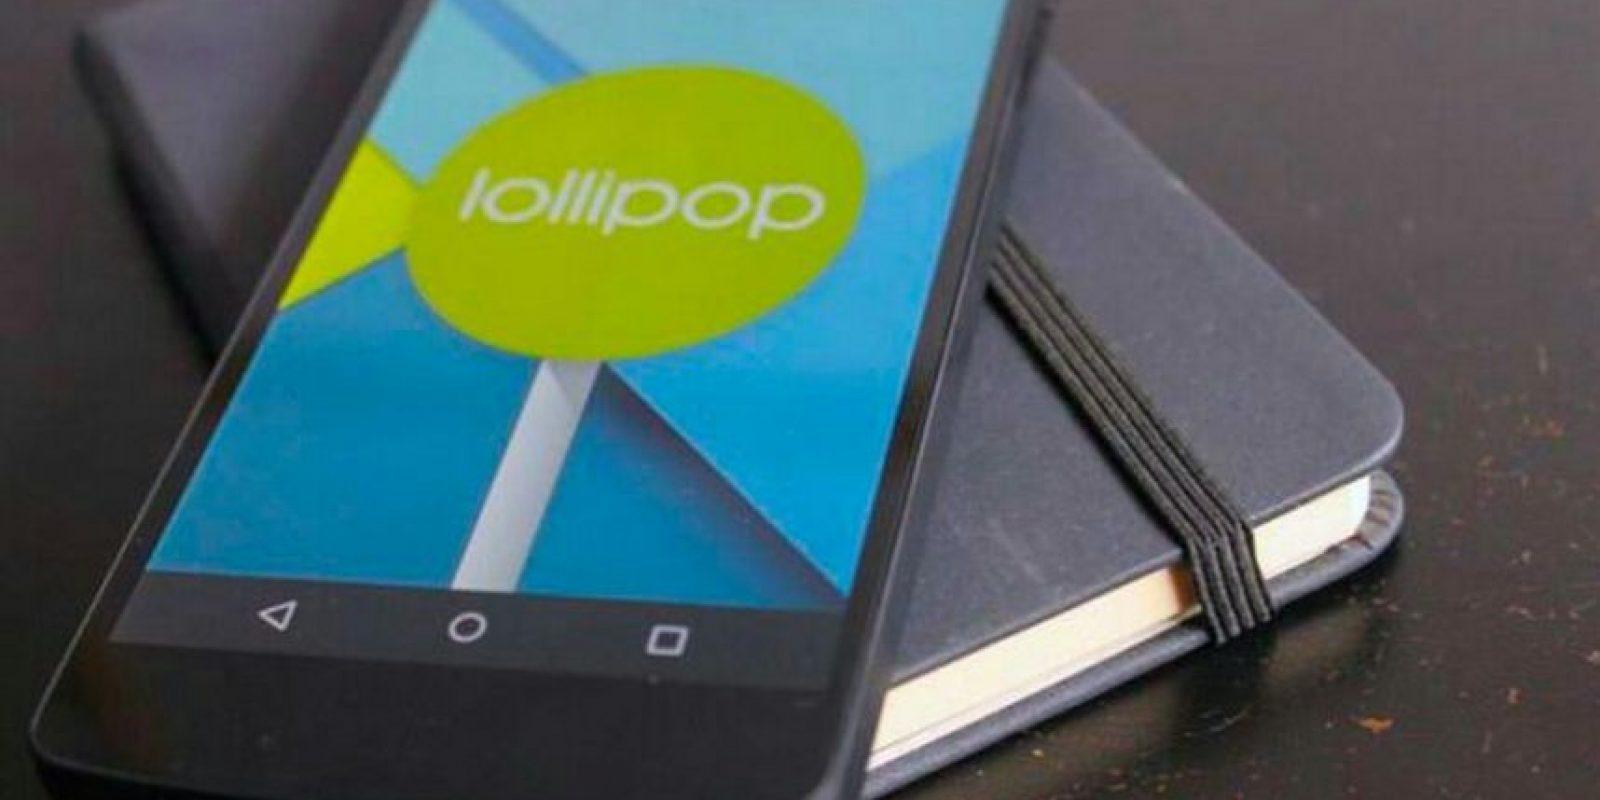 Android M mejorará los fallos que el Lollipop ha presentado Foto:Google